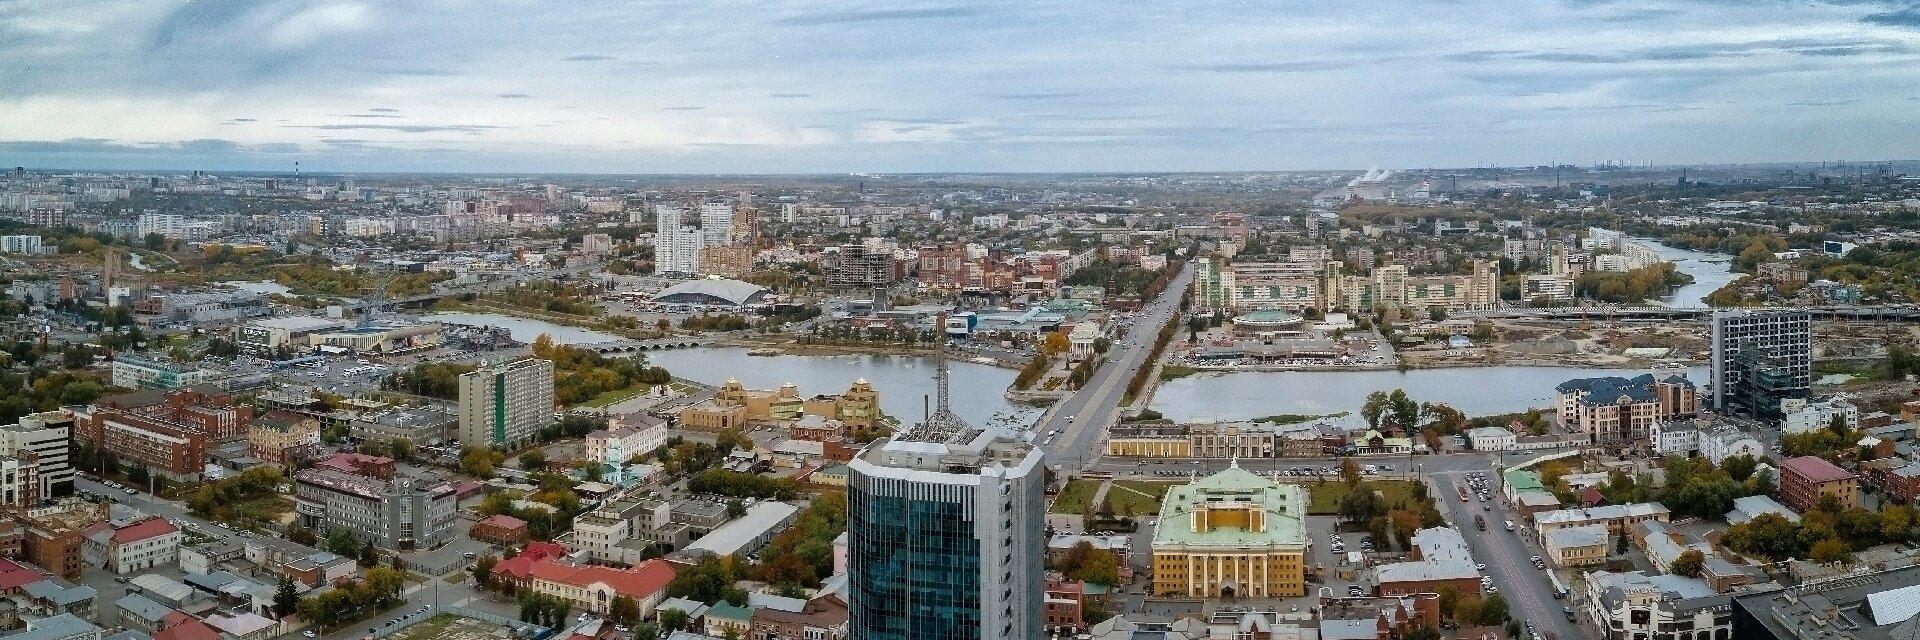 Поиск отелей в Челябинске